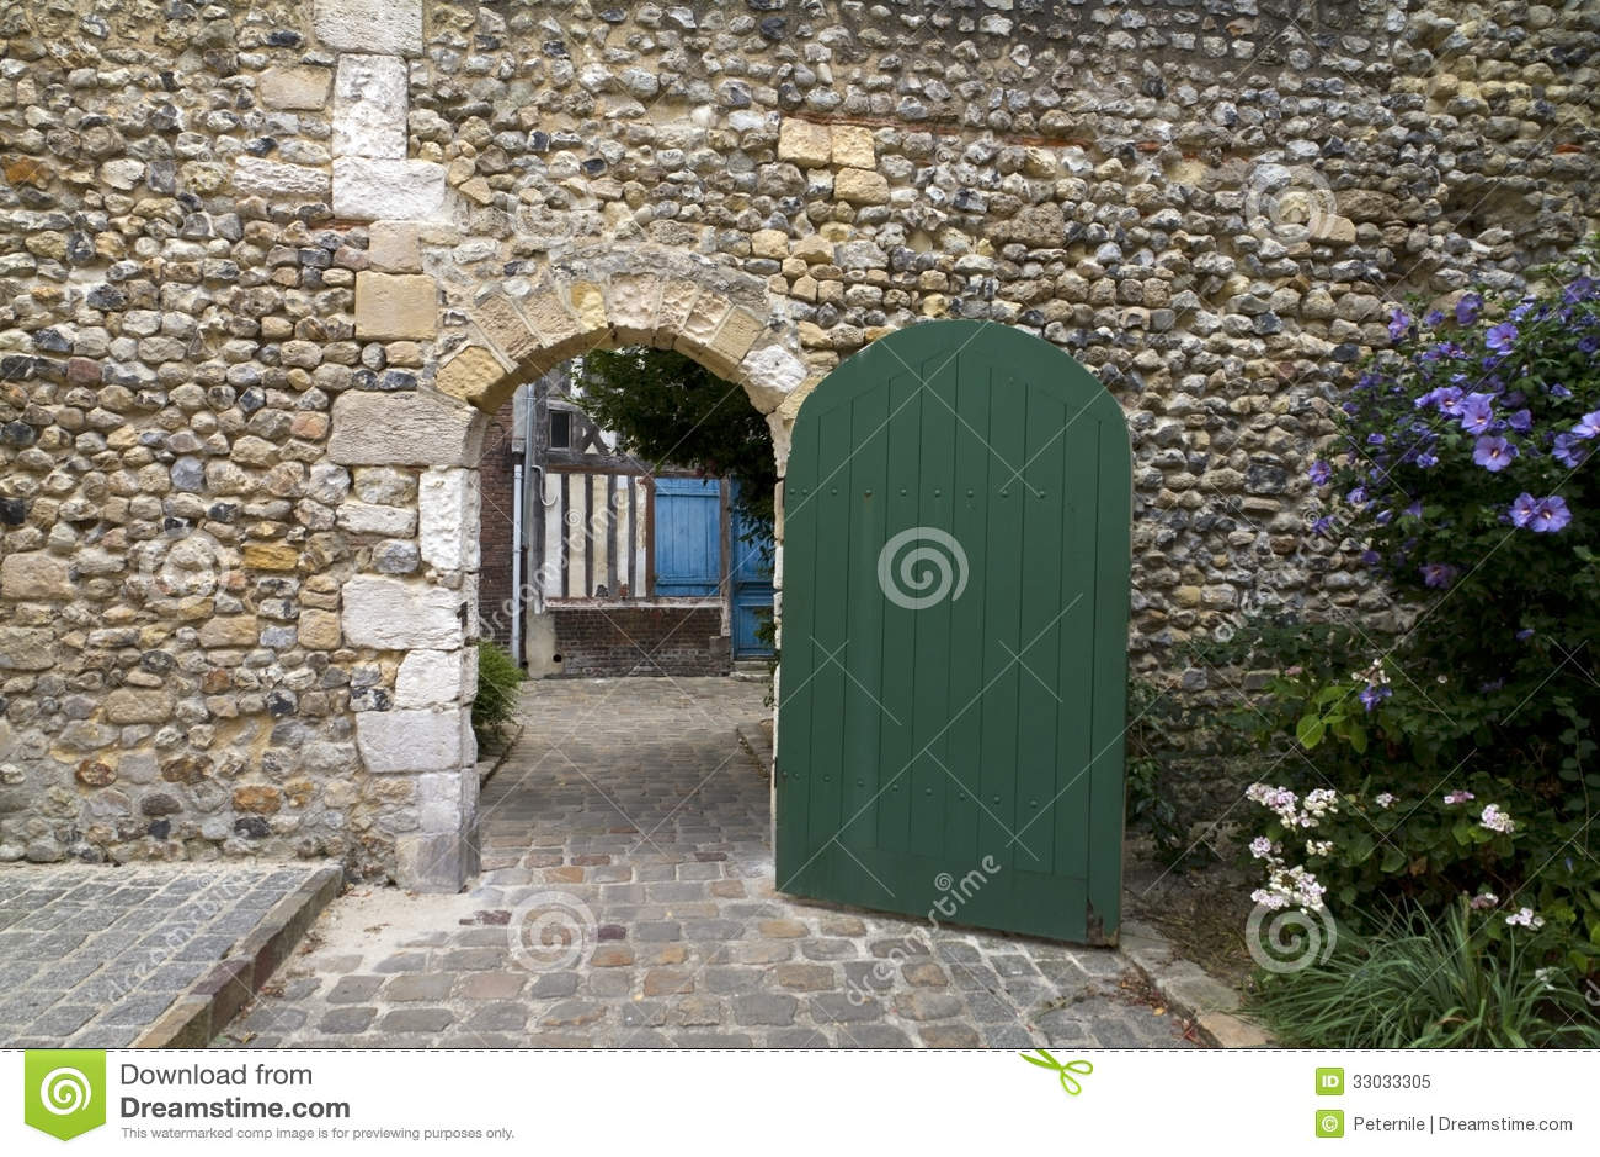 Open Gates Clipart